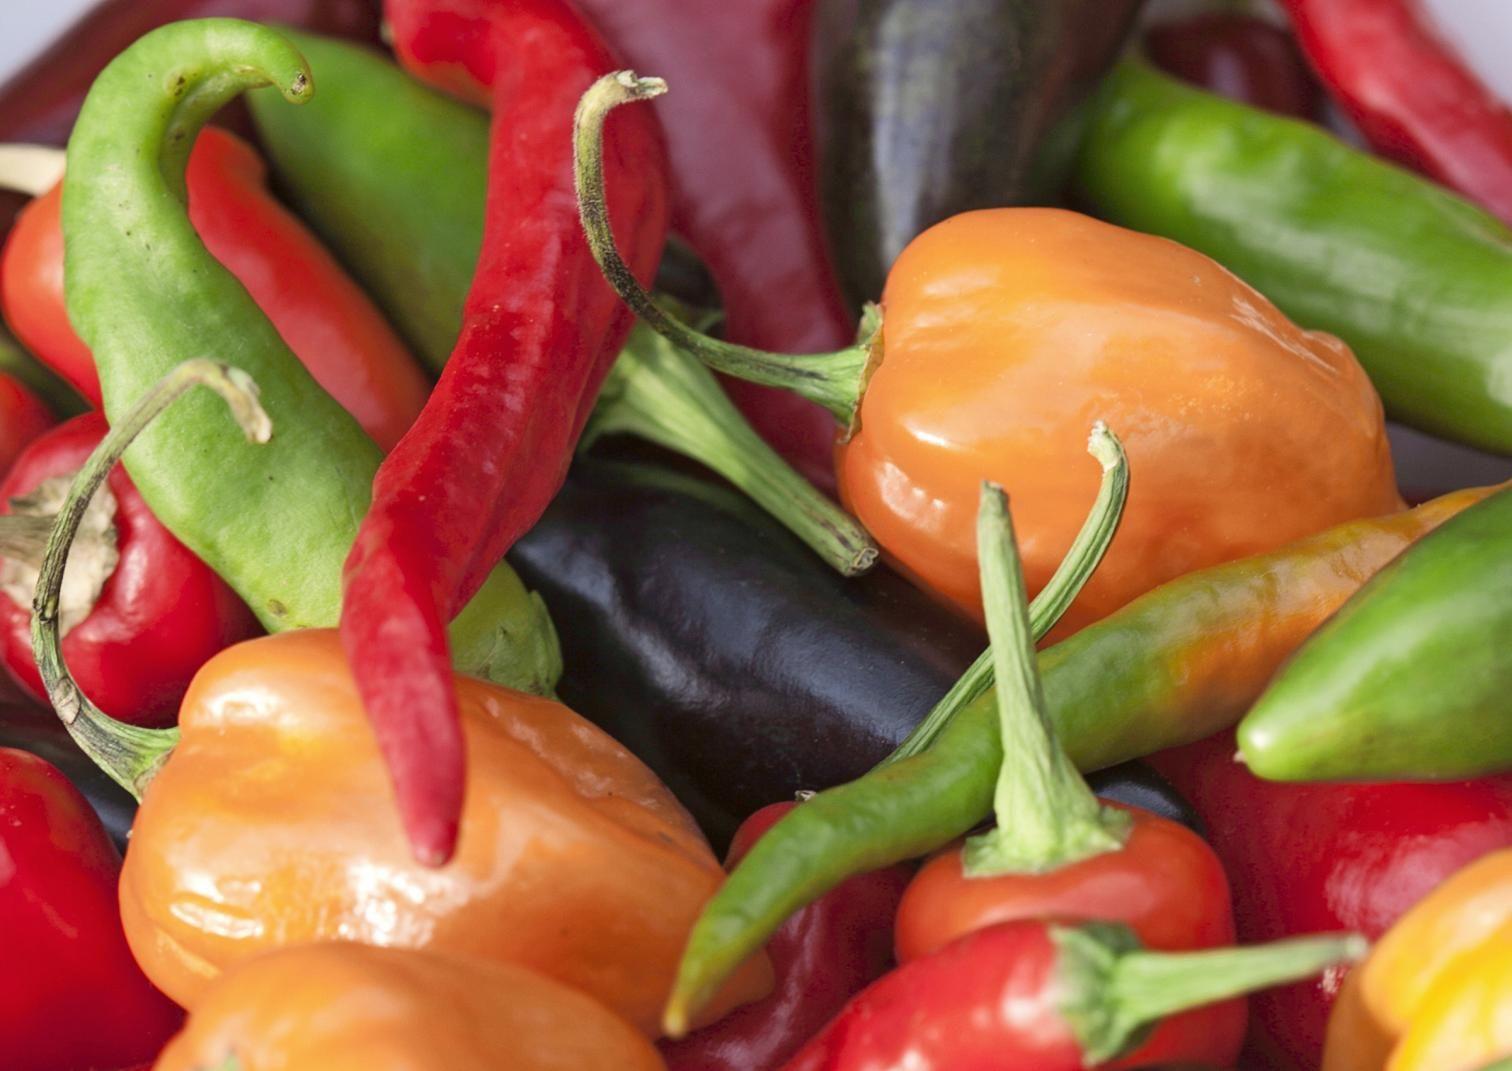 Paprikan ja chilin kasvatus onnistuu kasvihuoneessa, lasitetulla parvekkeella tai ikkunalaudalla. Lue Viherpihan vinkit ja kasvata lähiruokaa!